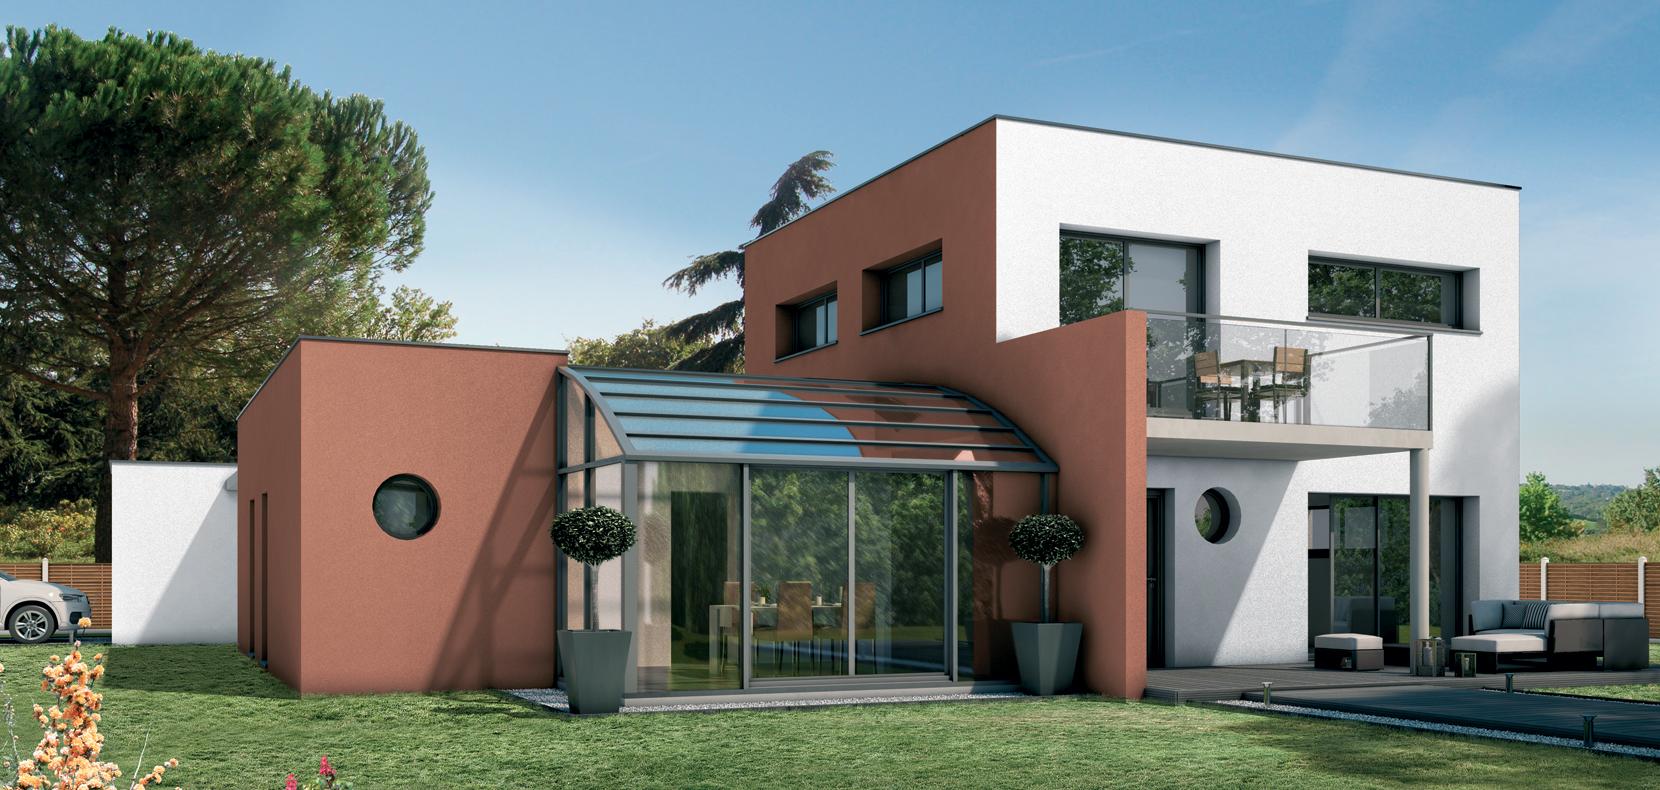 Mod le maison doha maisons sanem constructeur de for Constructeur maison 33